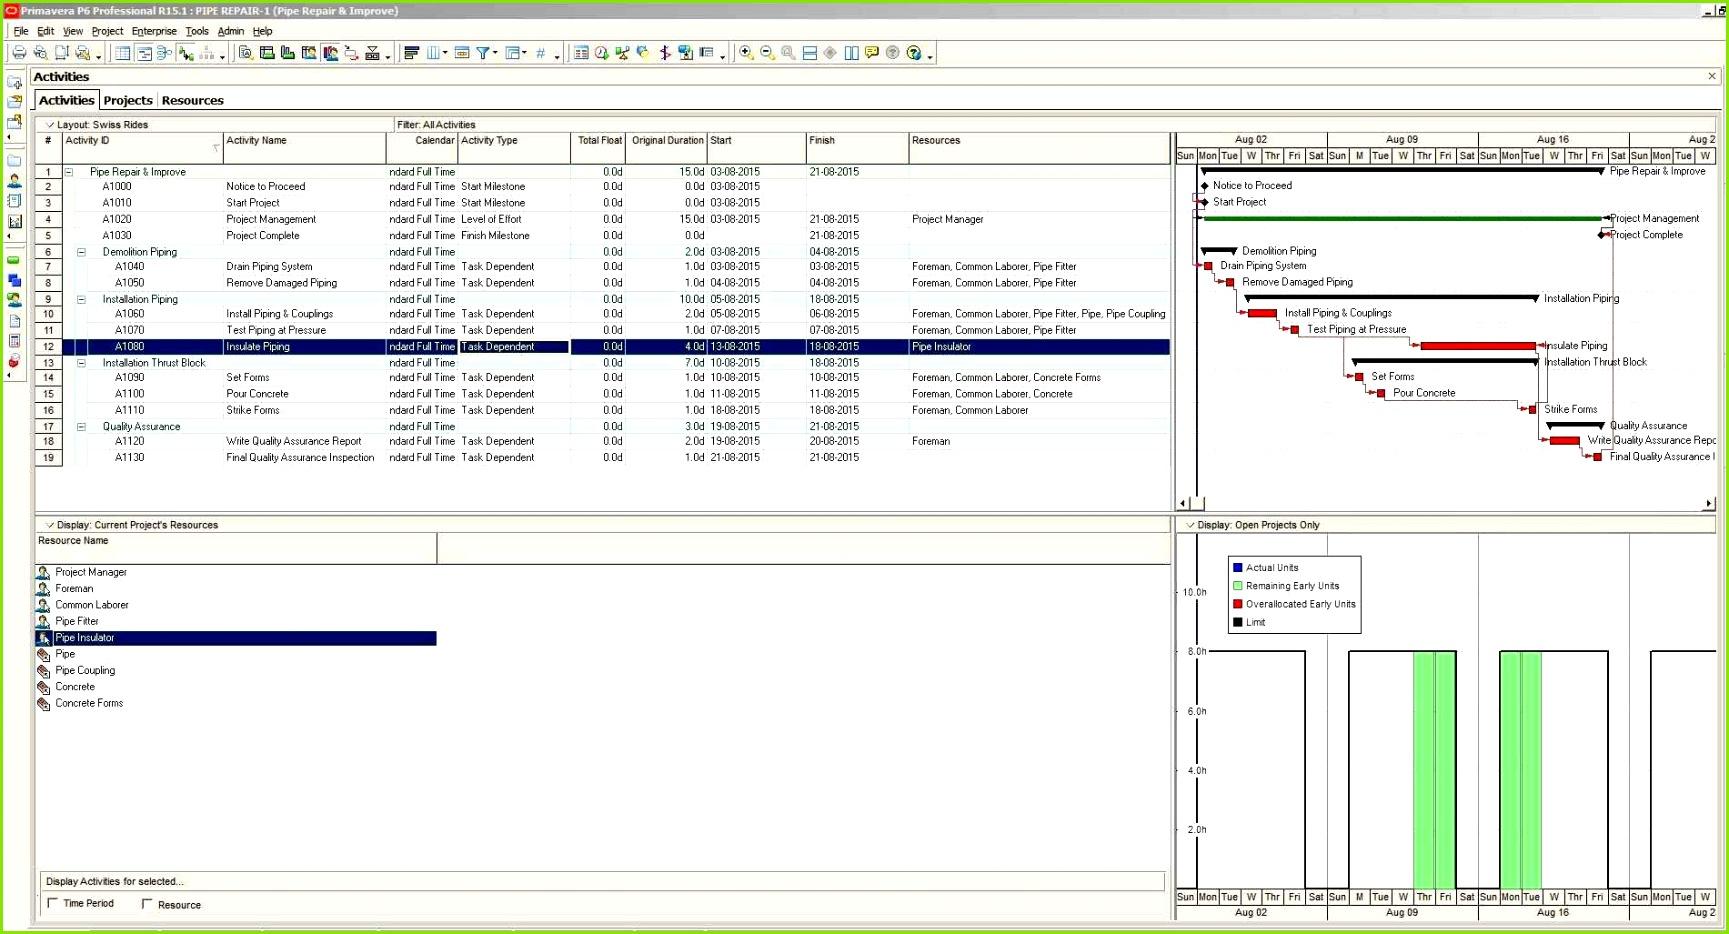 Konzept Erstellen Vorlage Neu 40 Das Konzept Von Lebenslauf Excel Douglaschannelenergy 49 Frisch Konzept Erstellen